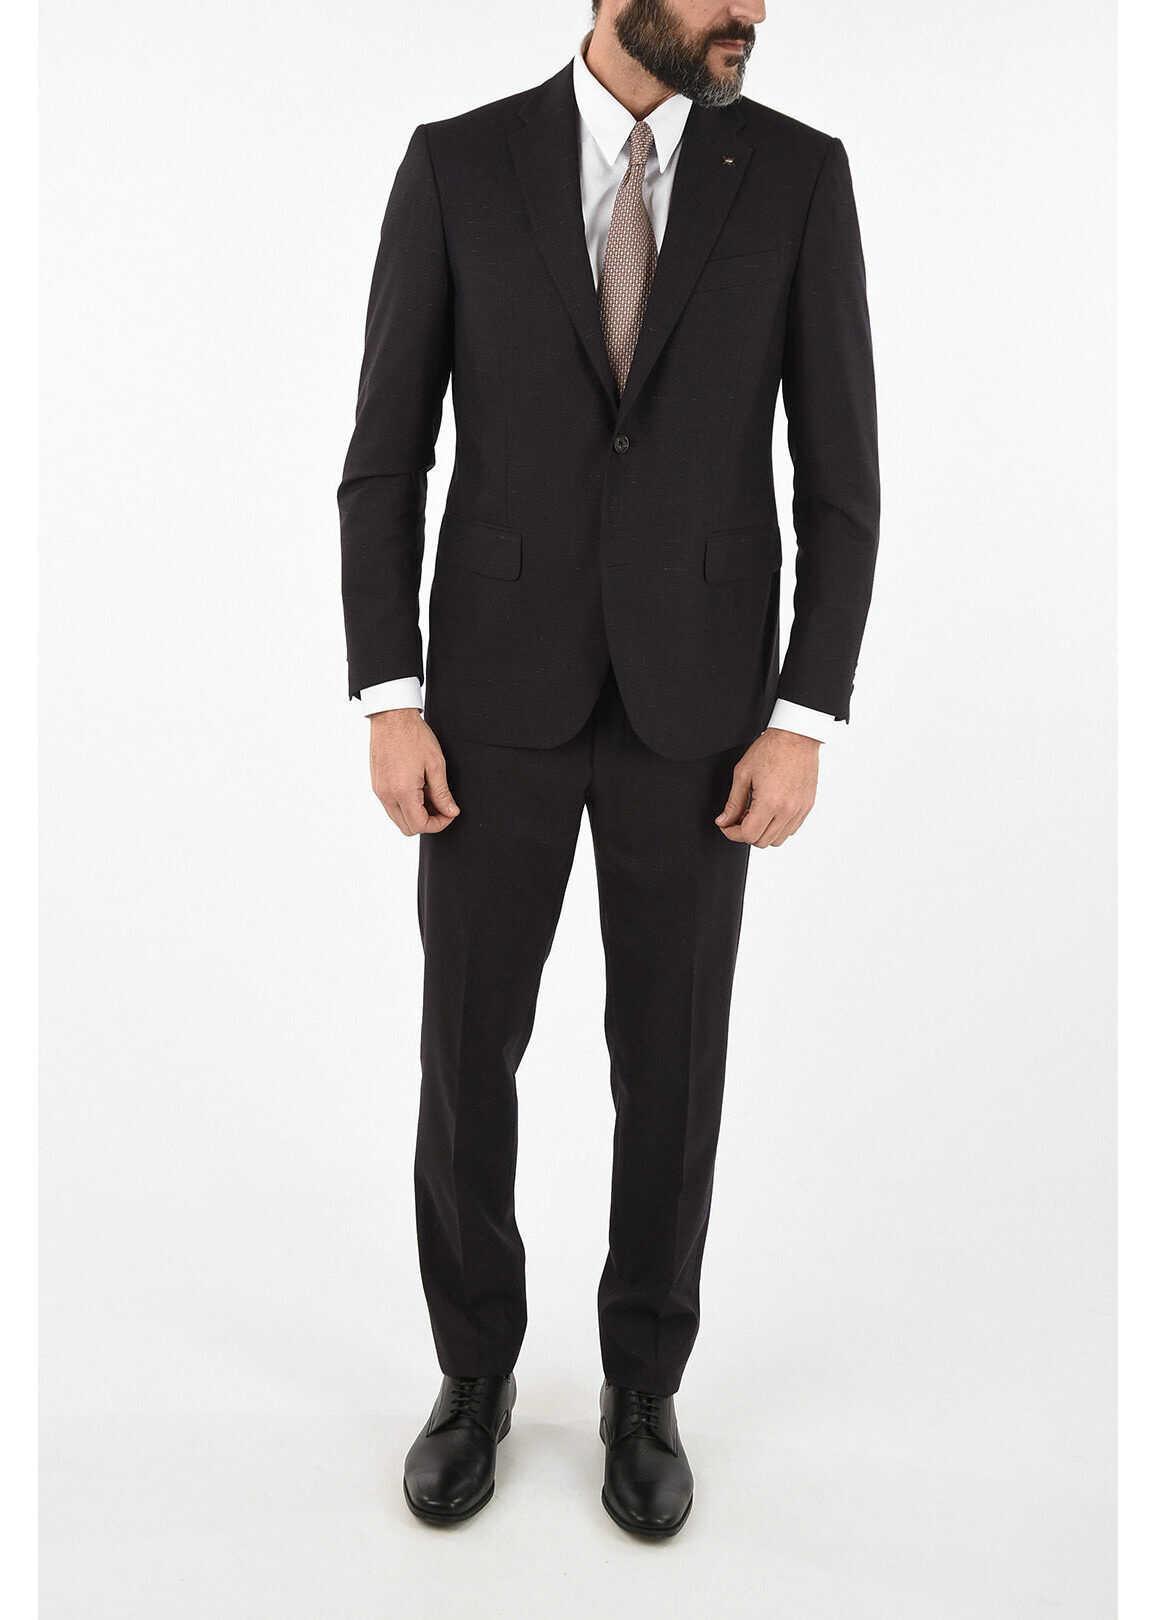 CORNELIANI CC COLLECTION side vent drop 7R 2-button RIGHT suit VIOLET imagine